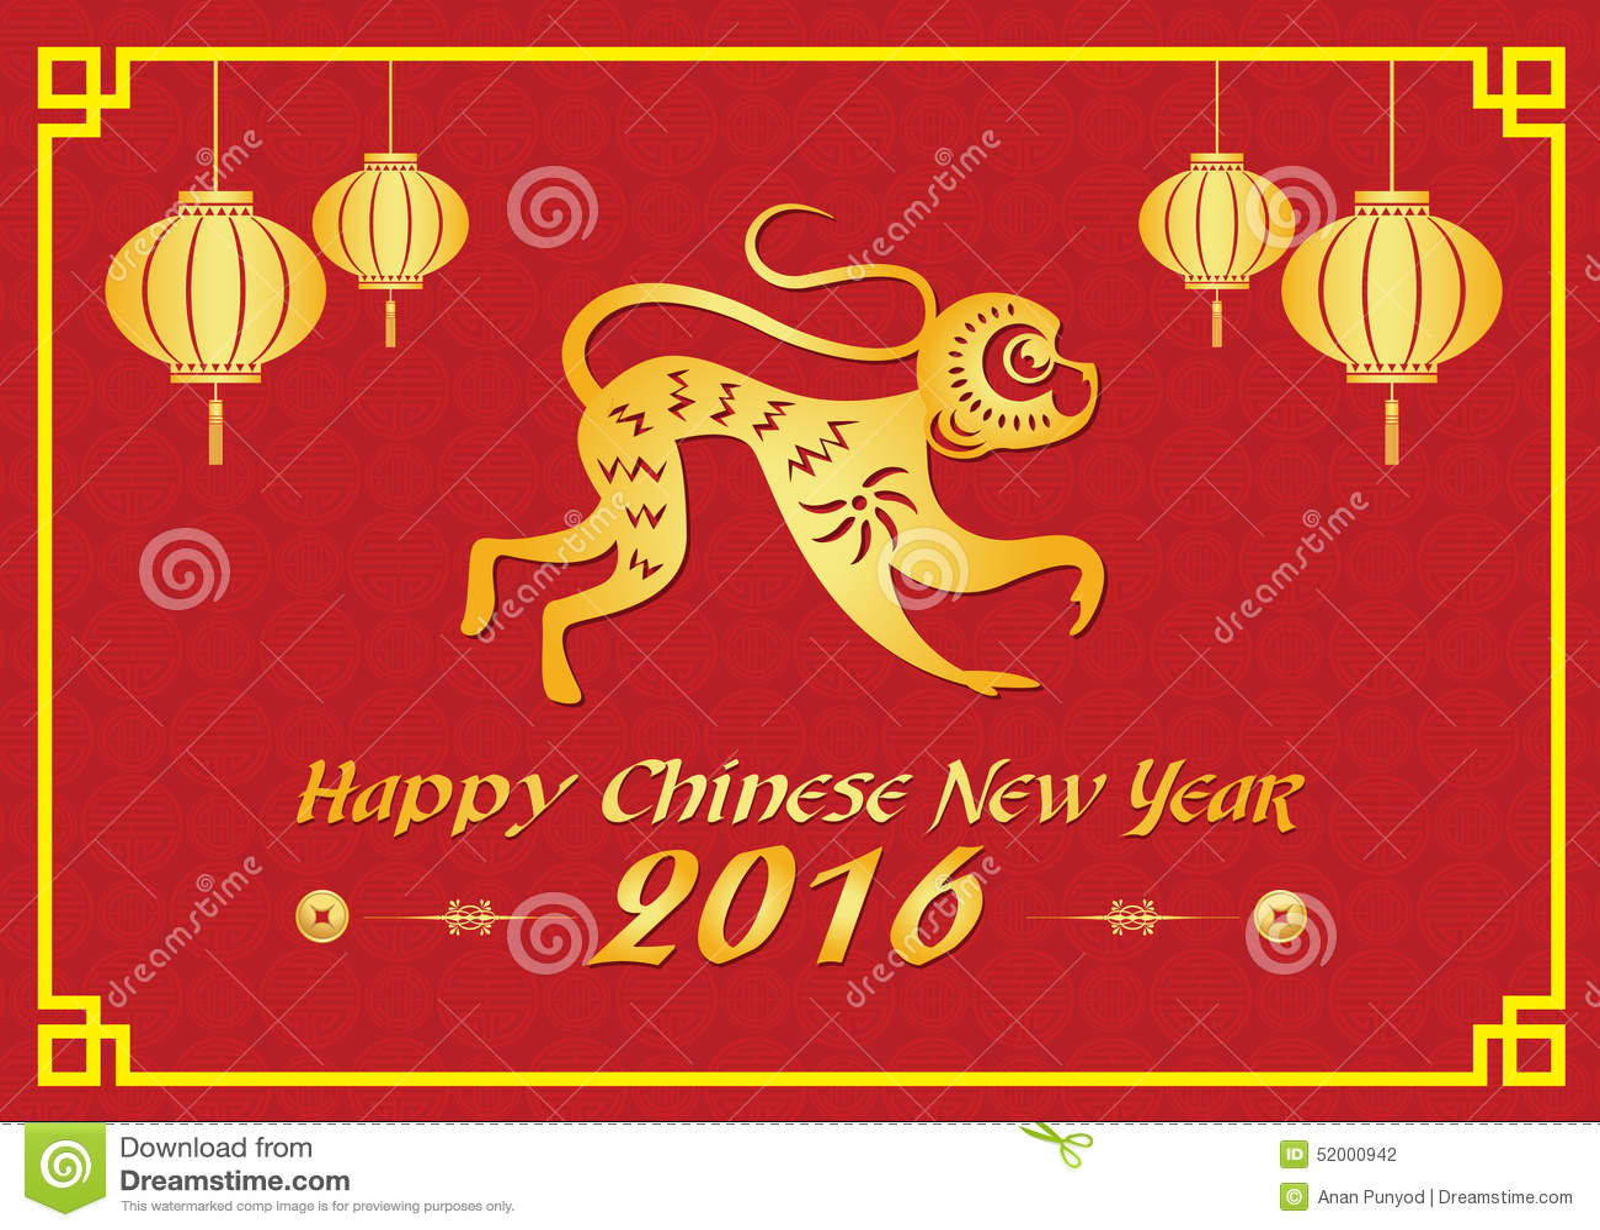 Η ευτυχής κινεζική νέα κάρτα έτους 2016 είναι φανάρια, η χρυσή λέξη πιθήκων και chiness είναι μέση ευτυχία